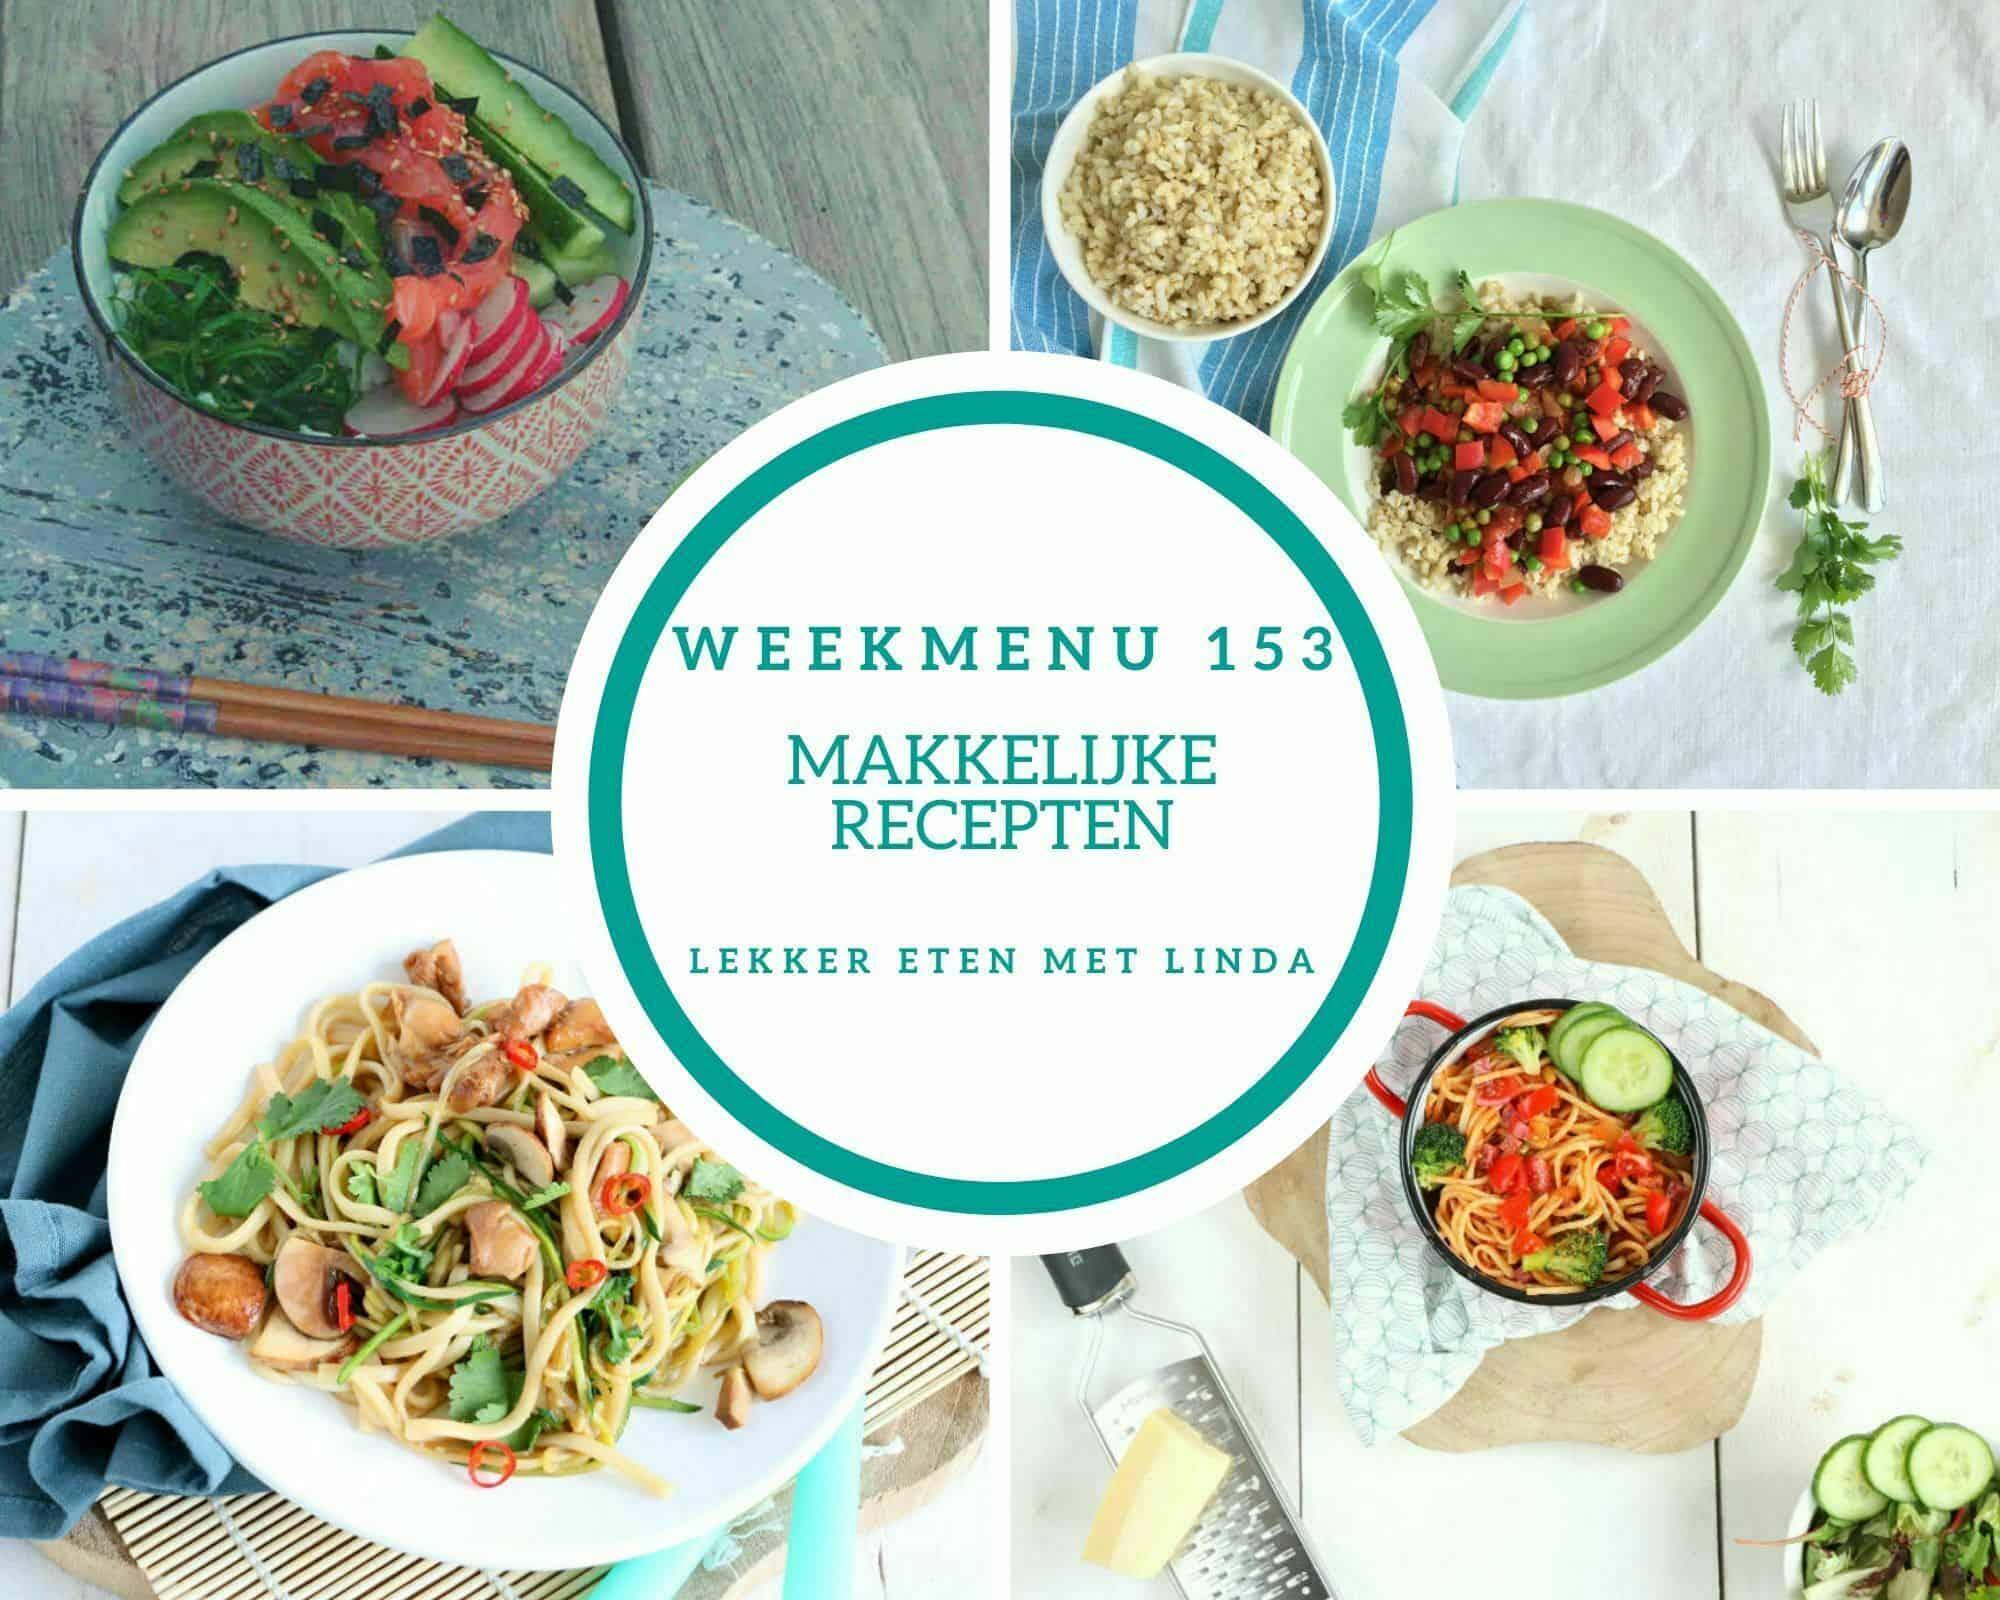 Weekmenu 153 makkelijke recepten voor het hele gezin